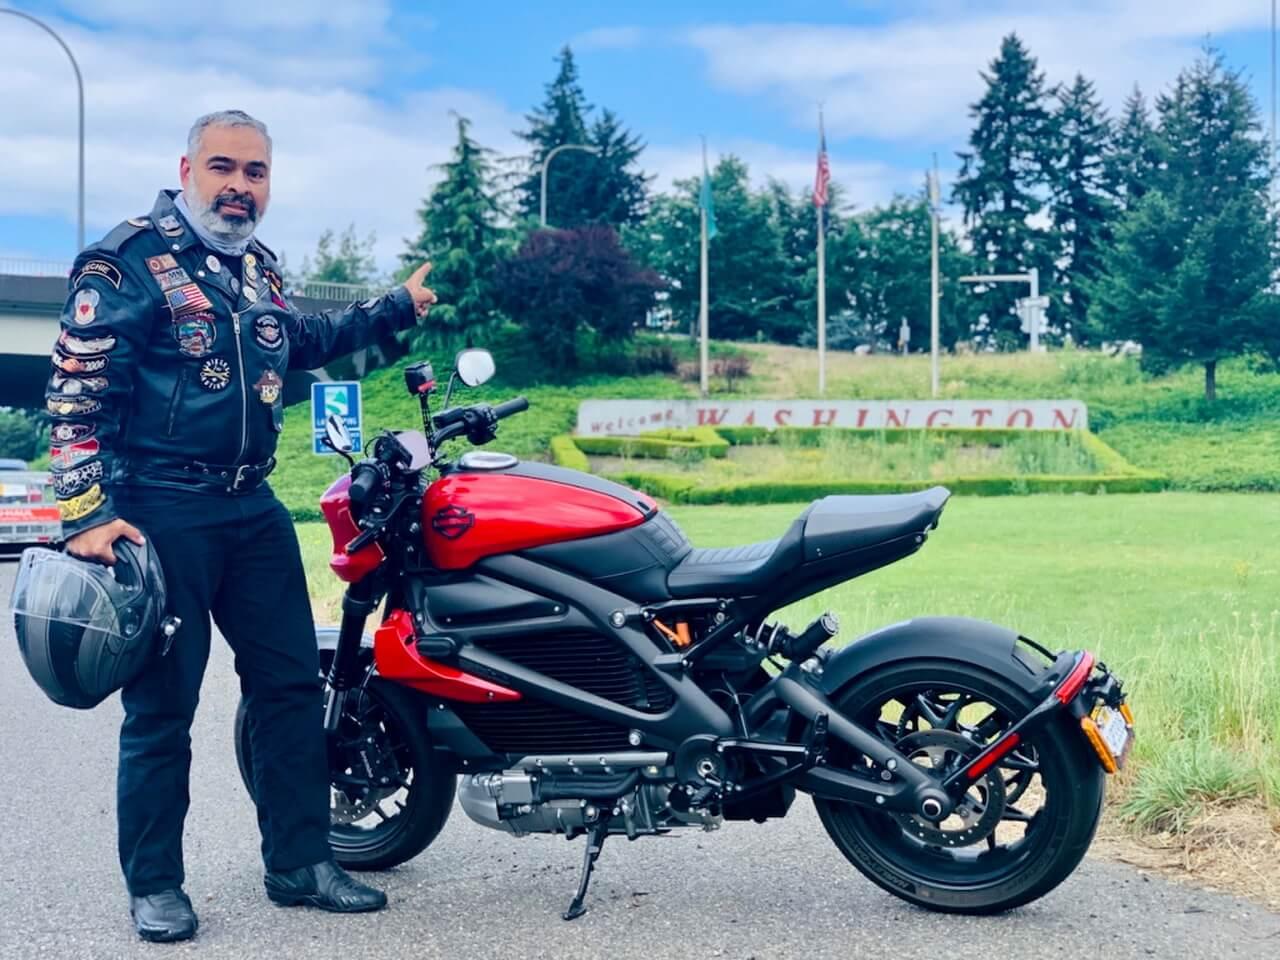 Диего Карденас успешно проехал 2250 км по США на электрическом мотоцикле Harley-Davidson LiveWire